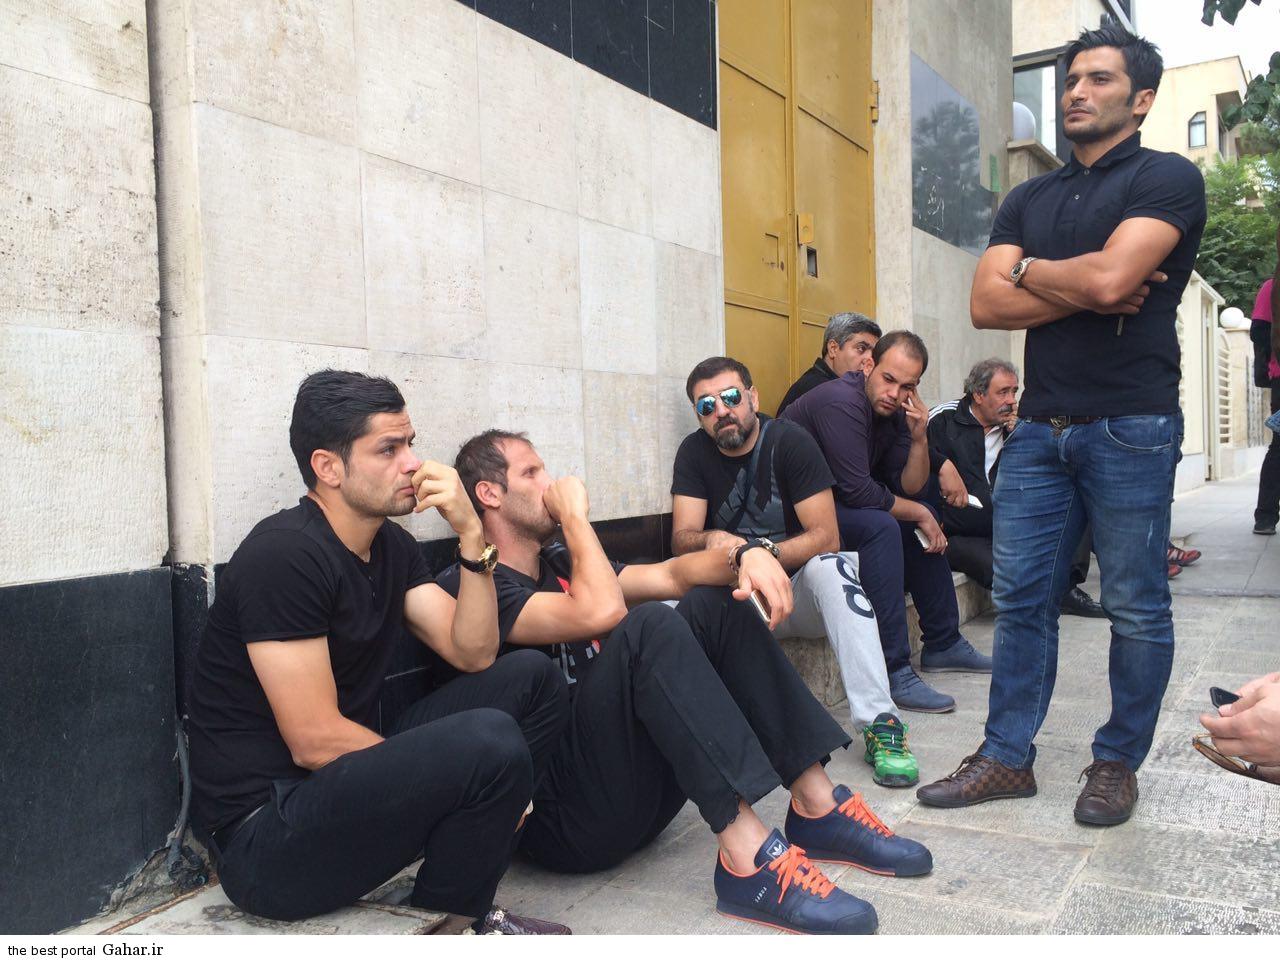 گریه های بازیکنان پرسپولیس در بیمارستان آتیه, جدید 1400 -گهر